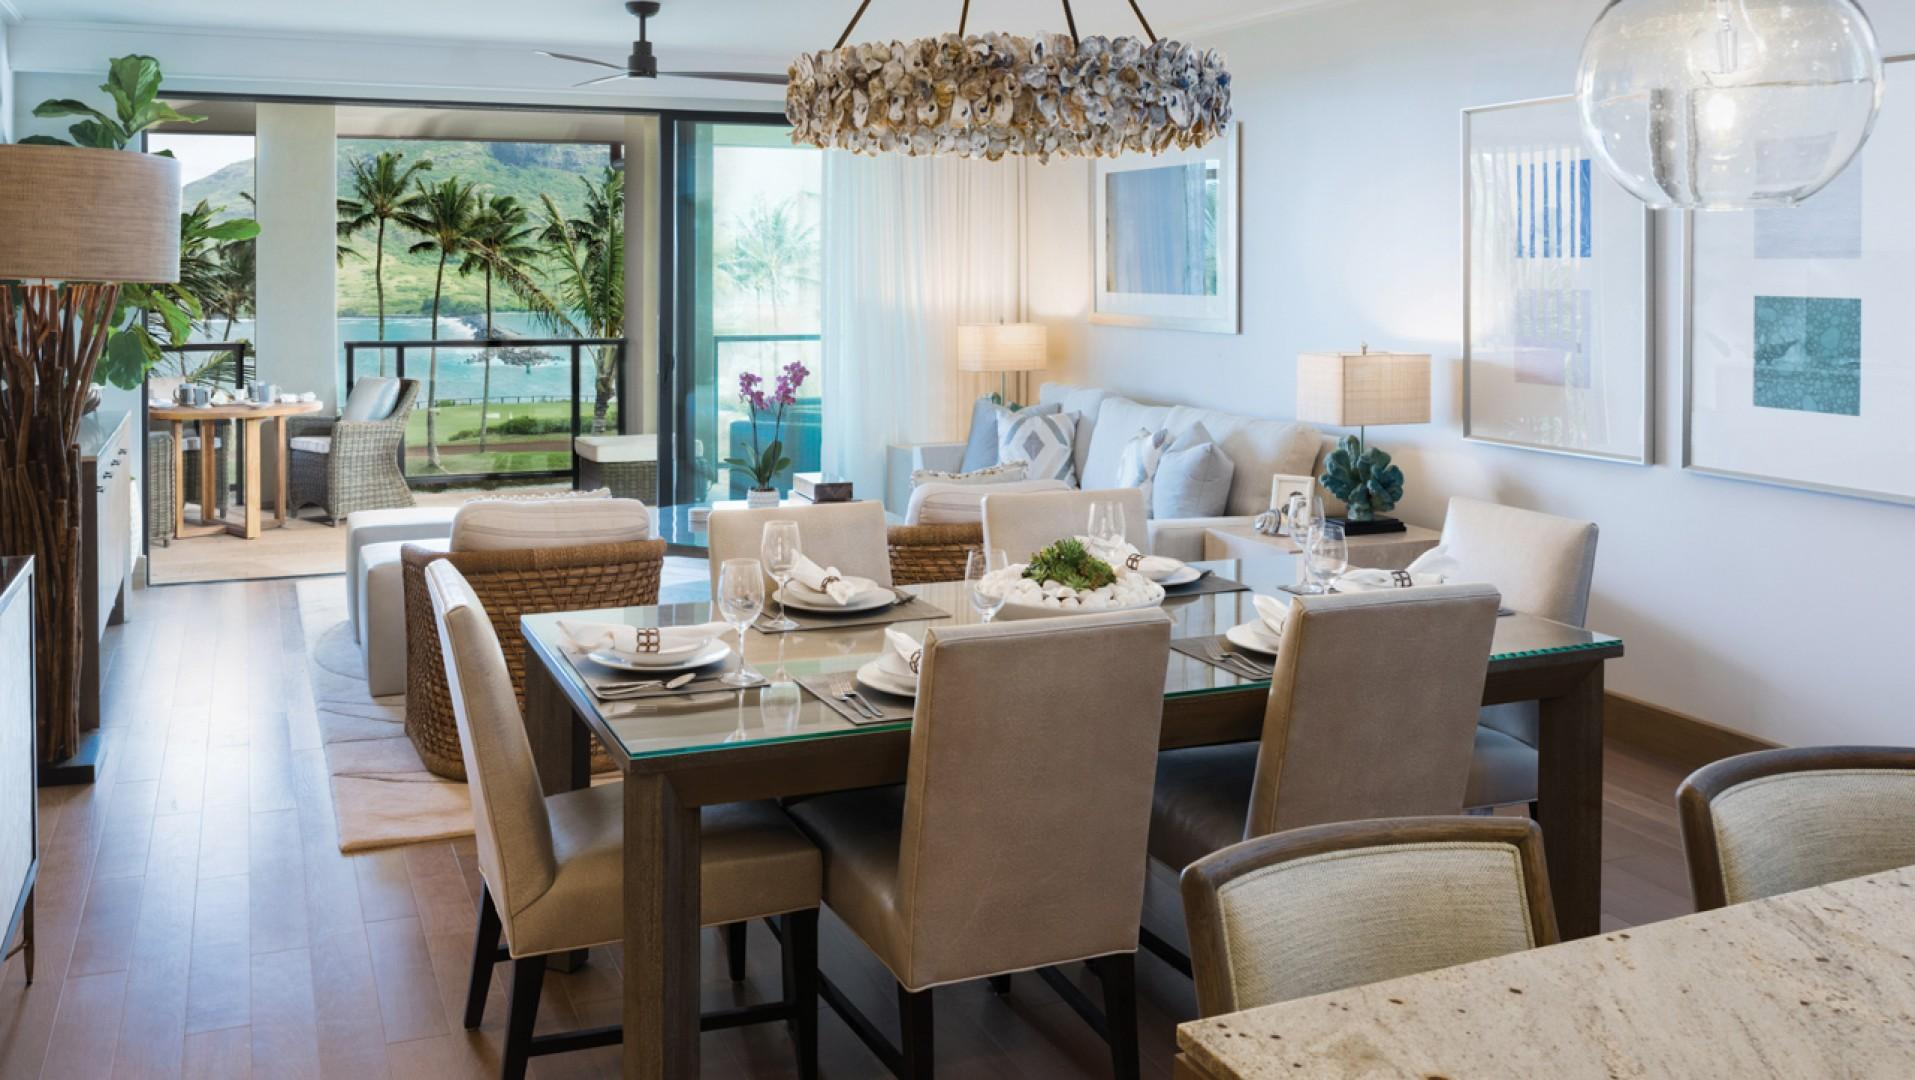 Open-concept living spaces and walls of sliding glass doors allow for true Hawaiian indoor-outdoor living.